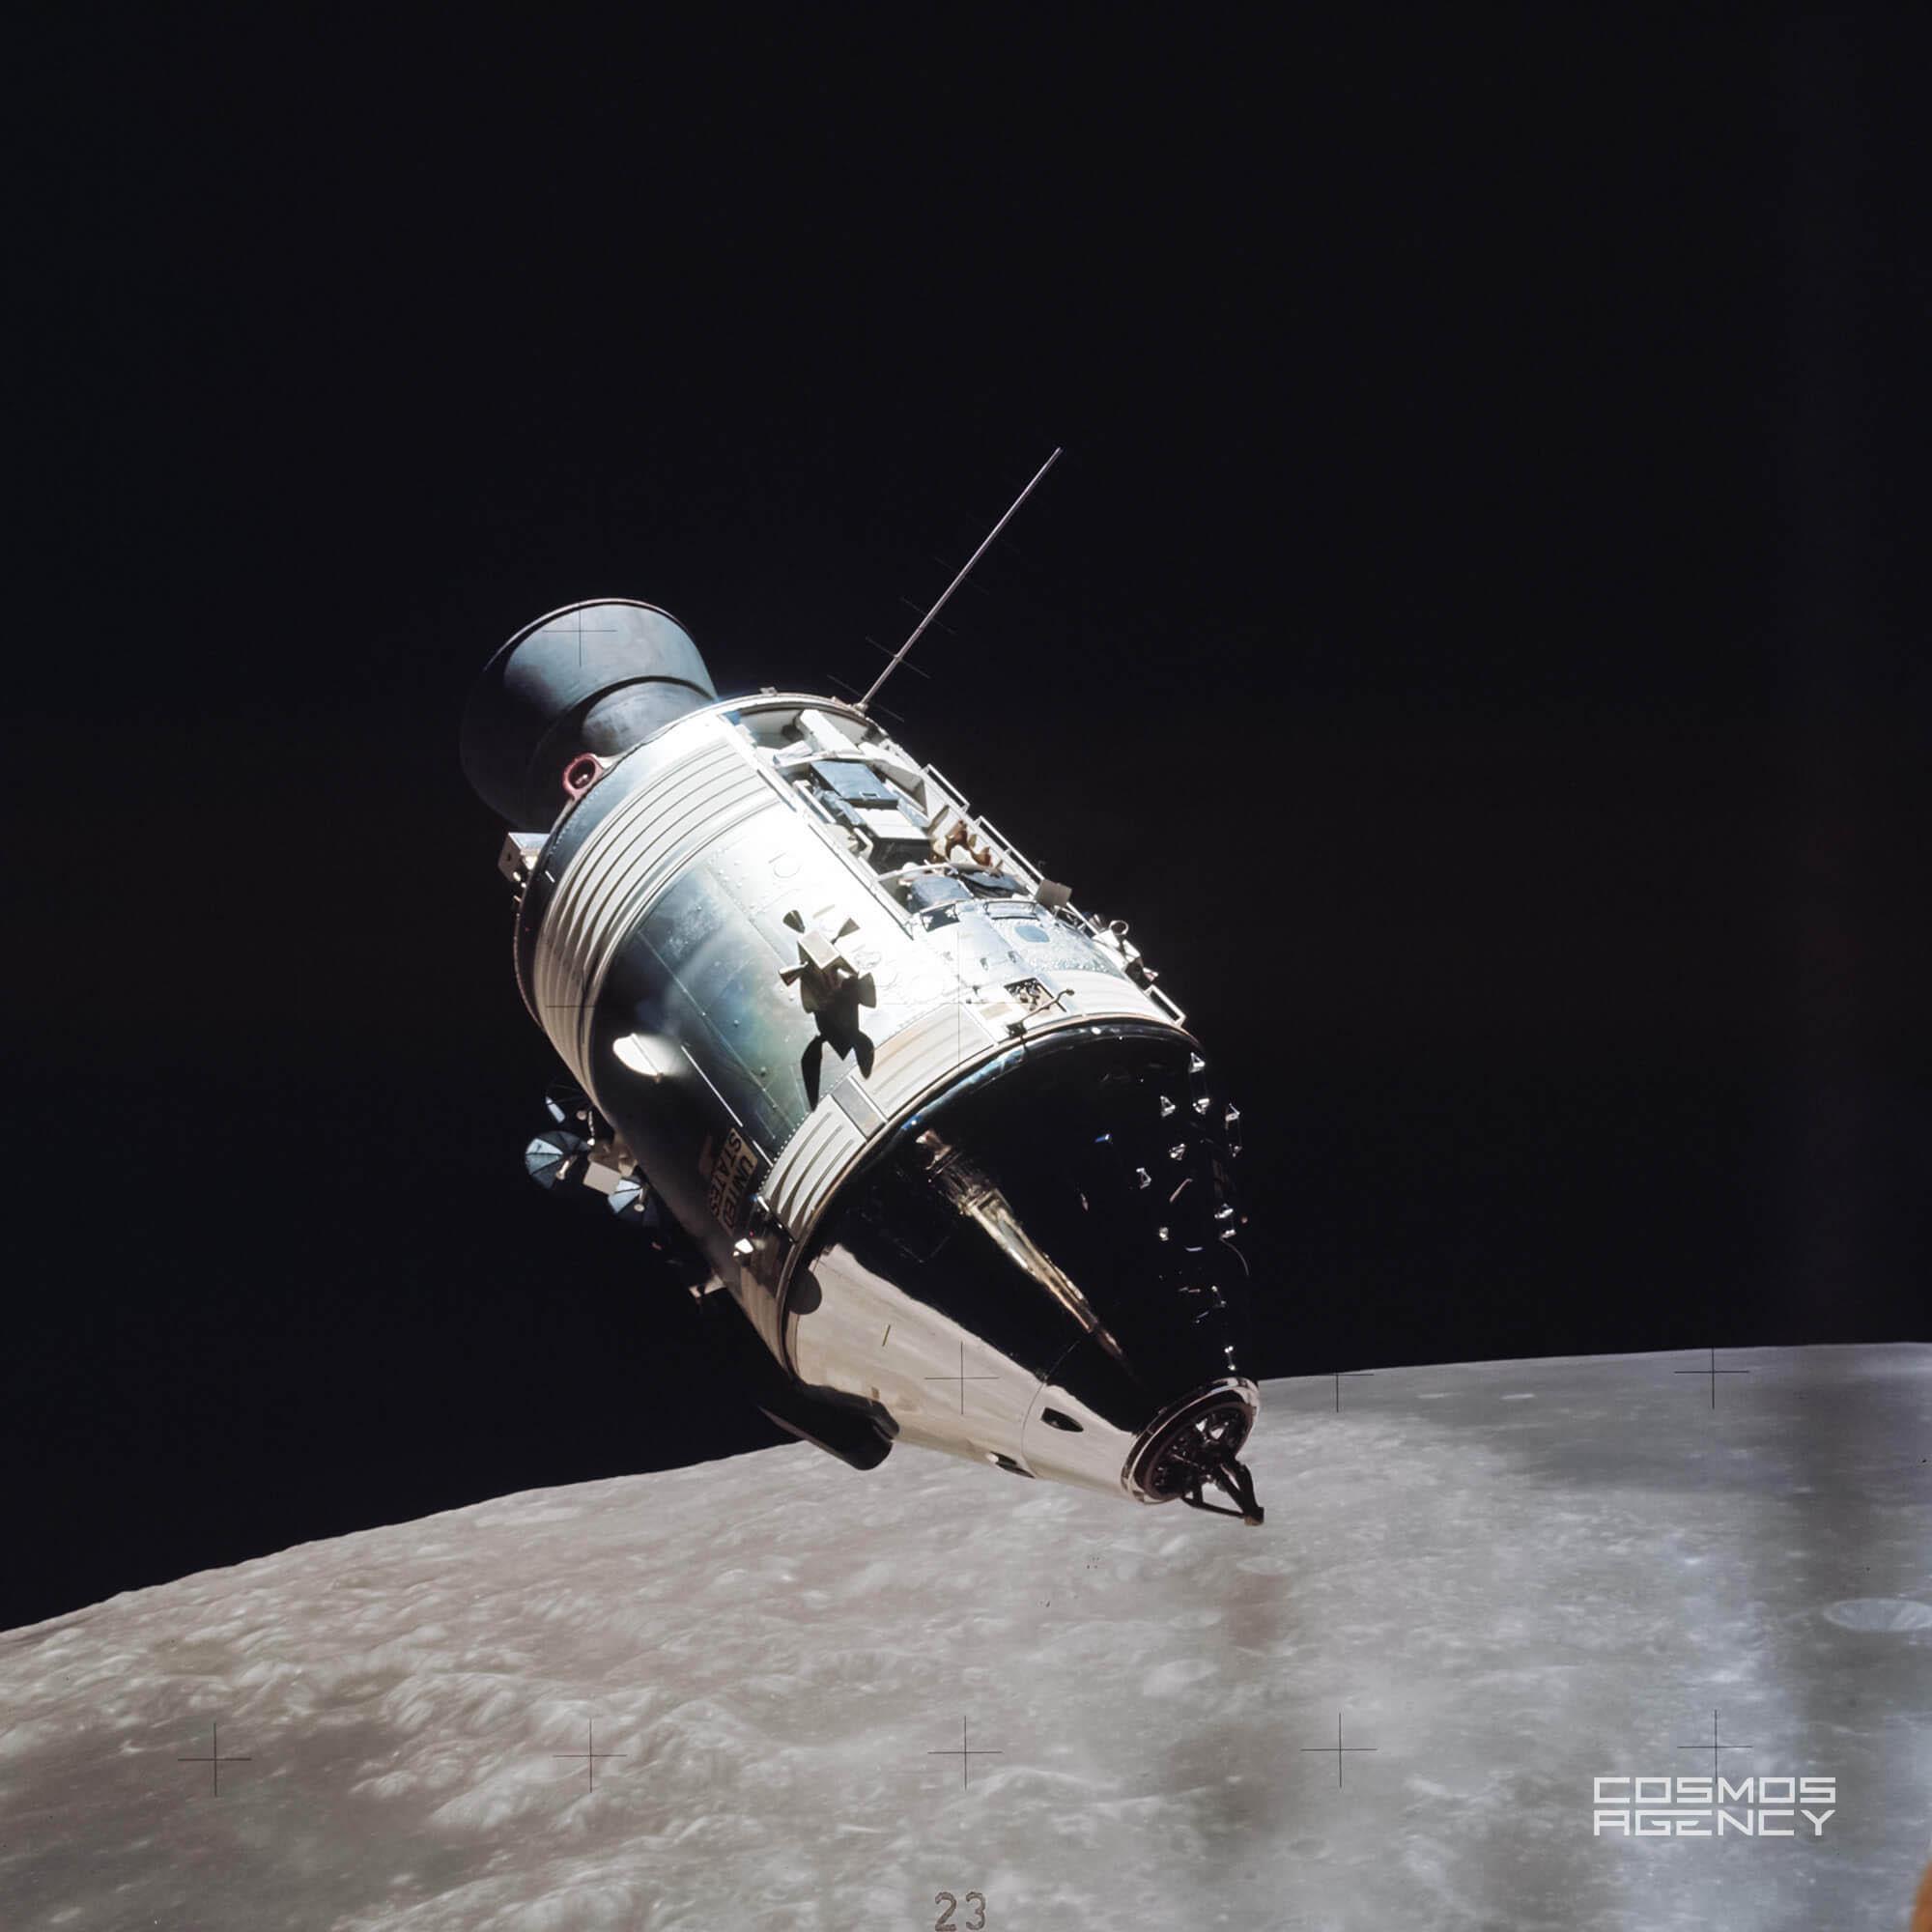 Командный/служебный отсеки космического корабля Аполлон во время рандеву, Аполлон 17